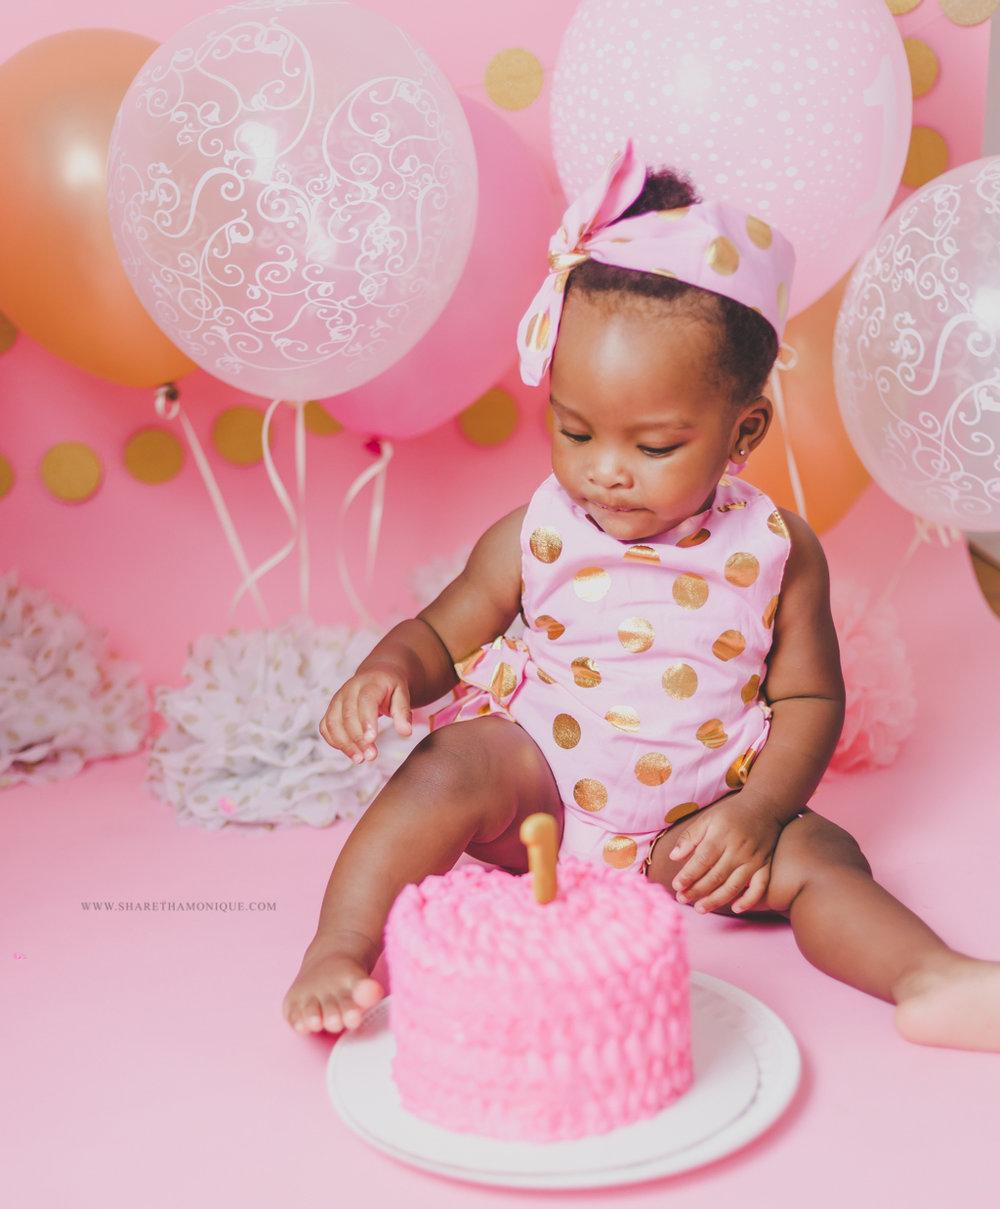 Charlotte Baby Cake Smash - One Year Birthday-11.jpg